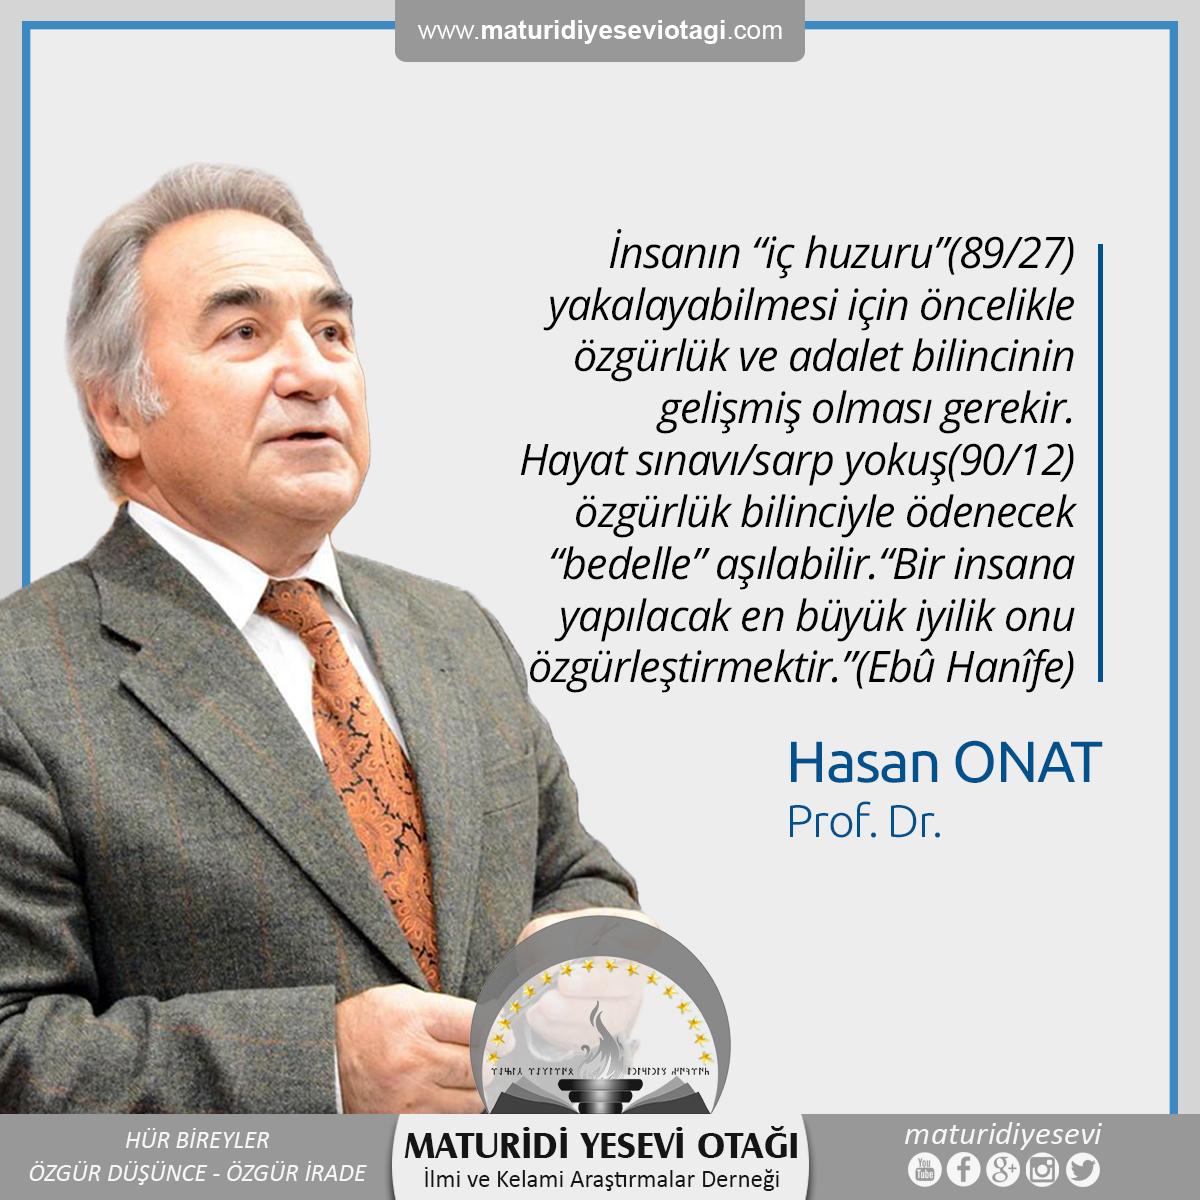 Hasan Onat - Özgürlük